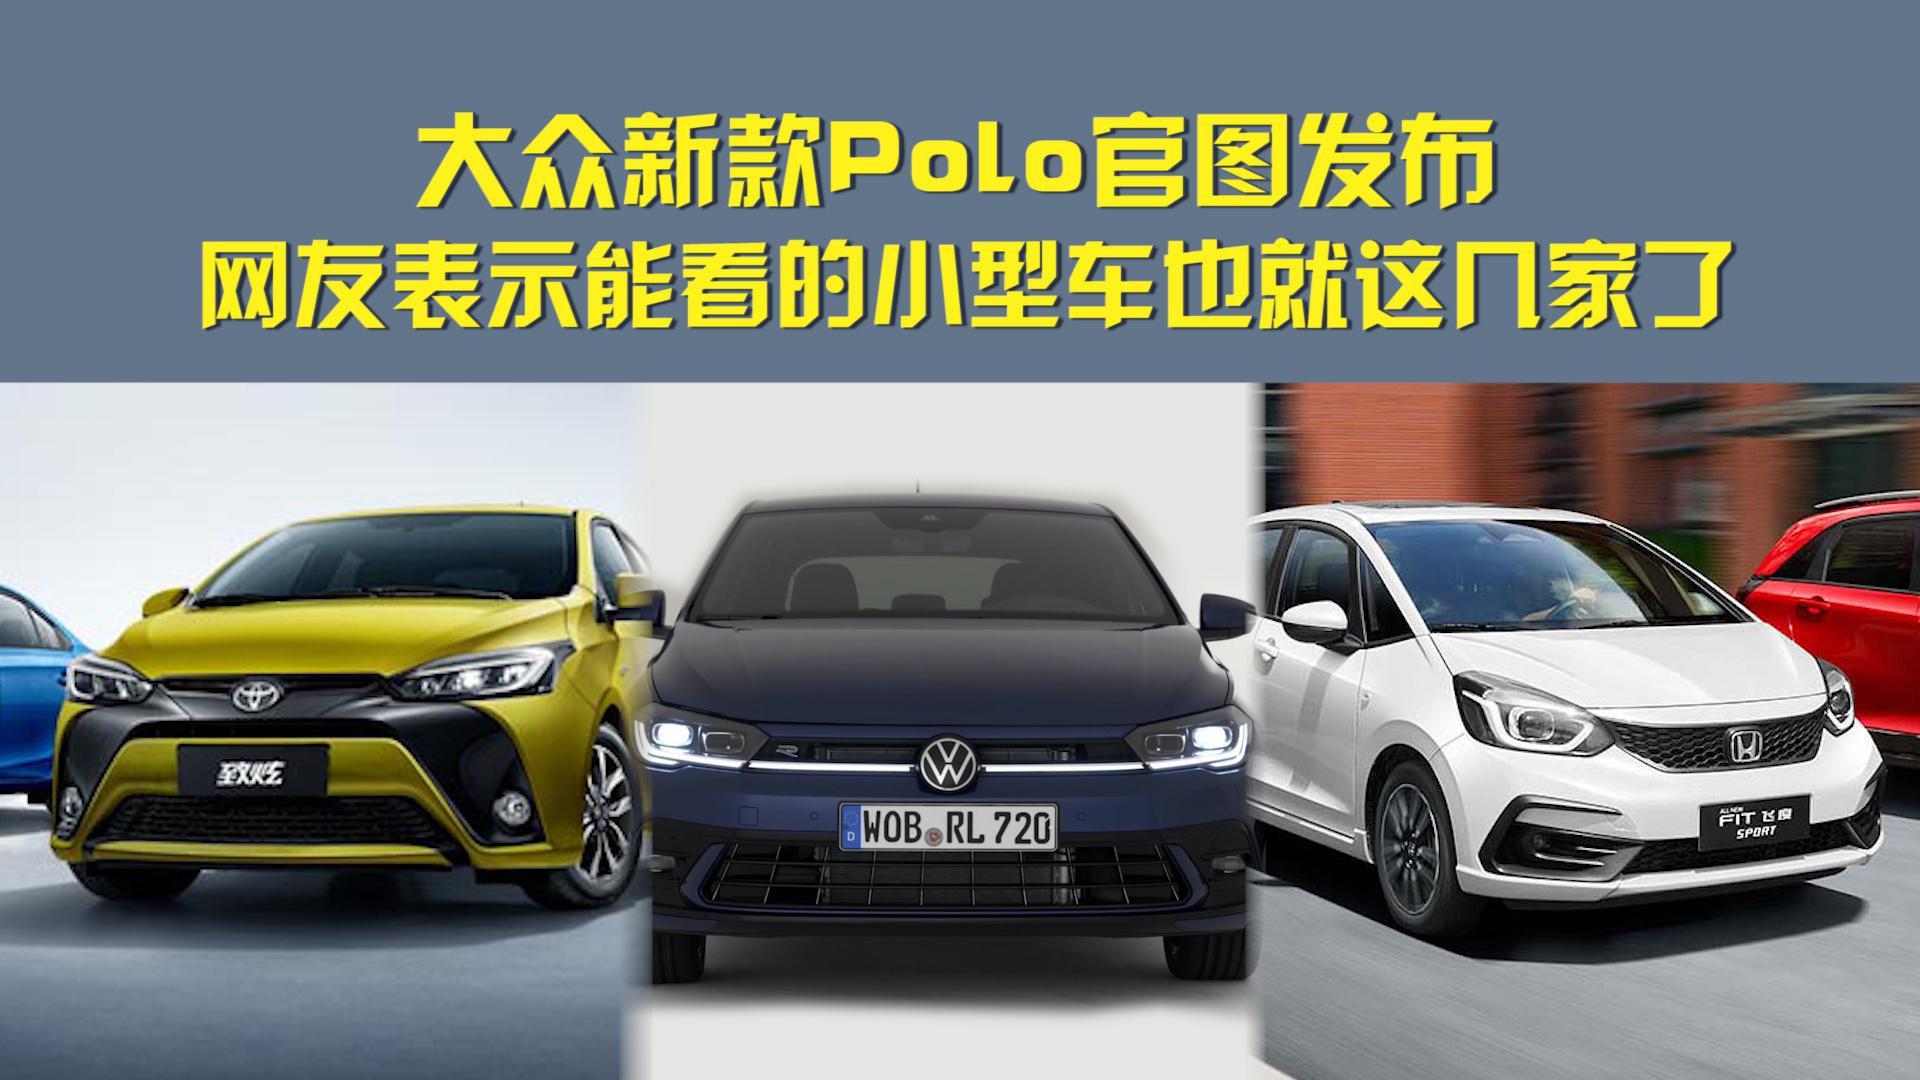 视频:大众新款Polo官图发布,网友表示能看的小型车也就这几家了